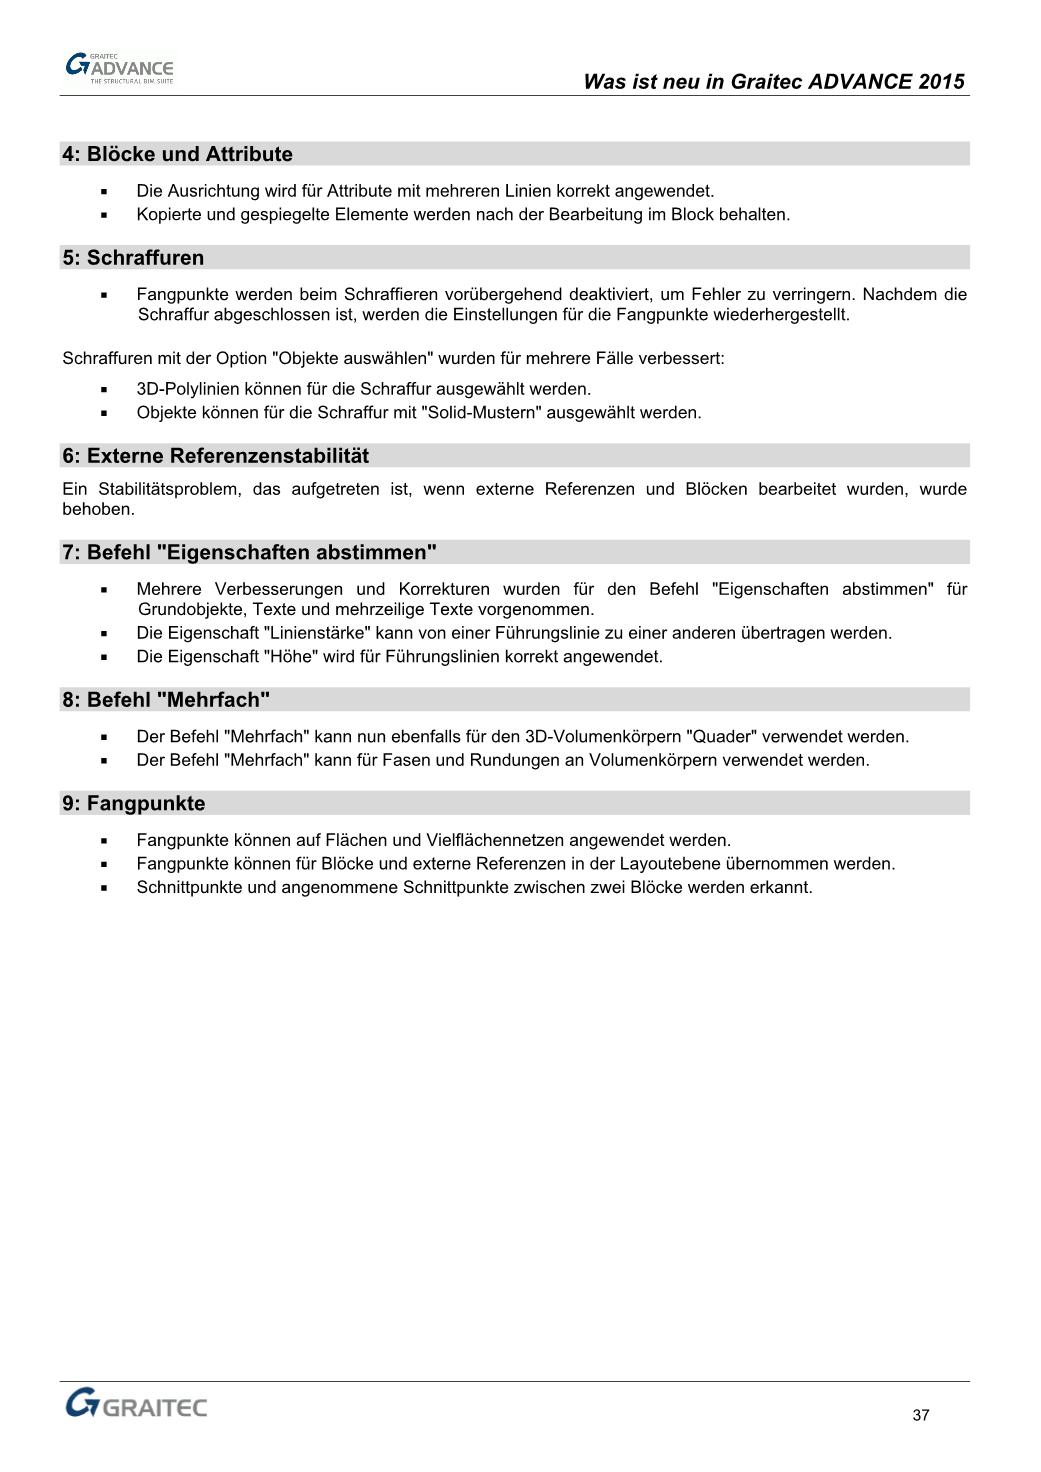 Ausgezeichnet Telefonschaltplan Korrekt Ideen - Schaltplan Serie ...